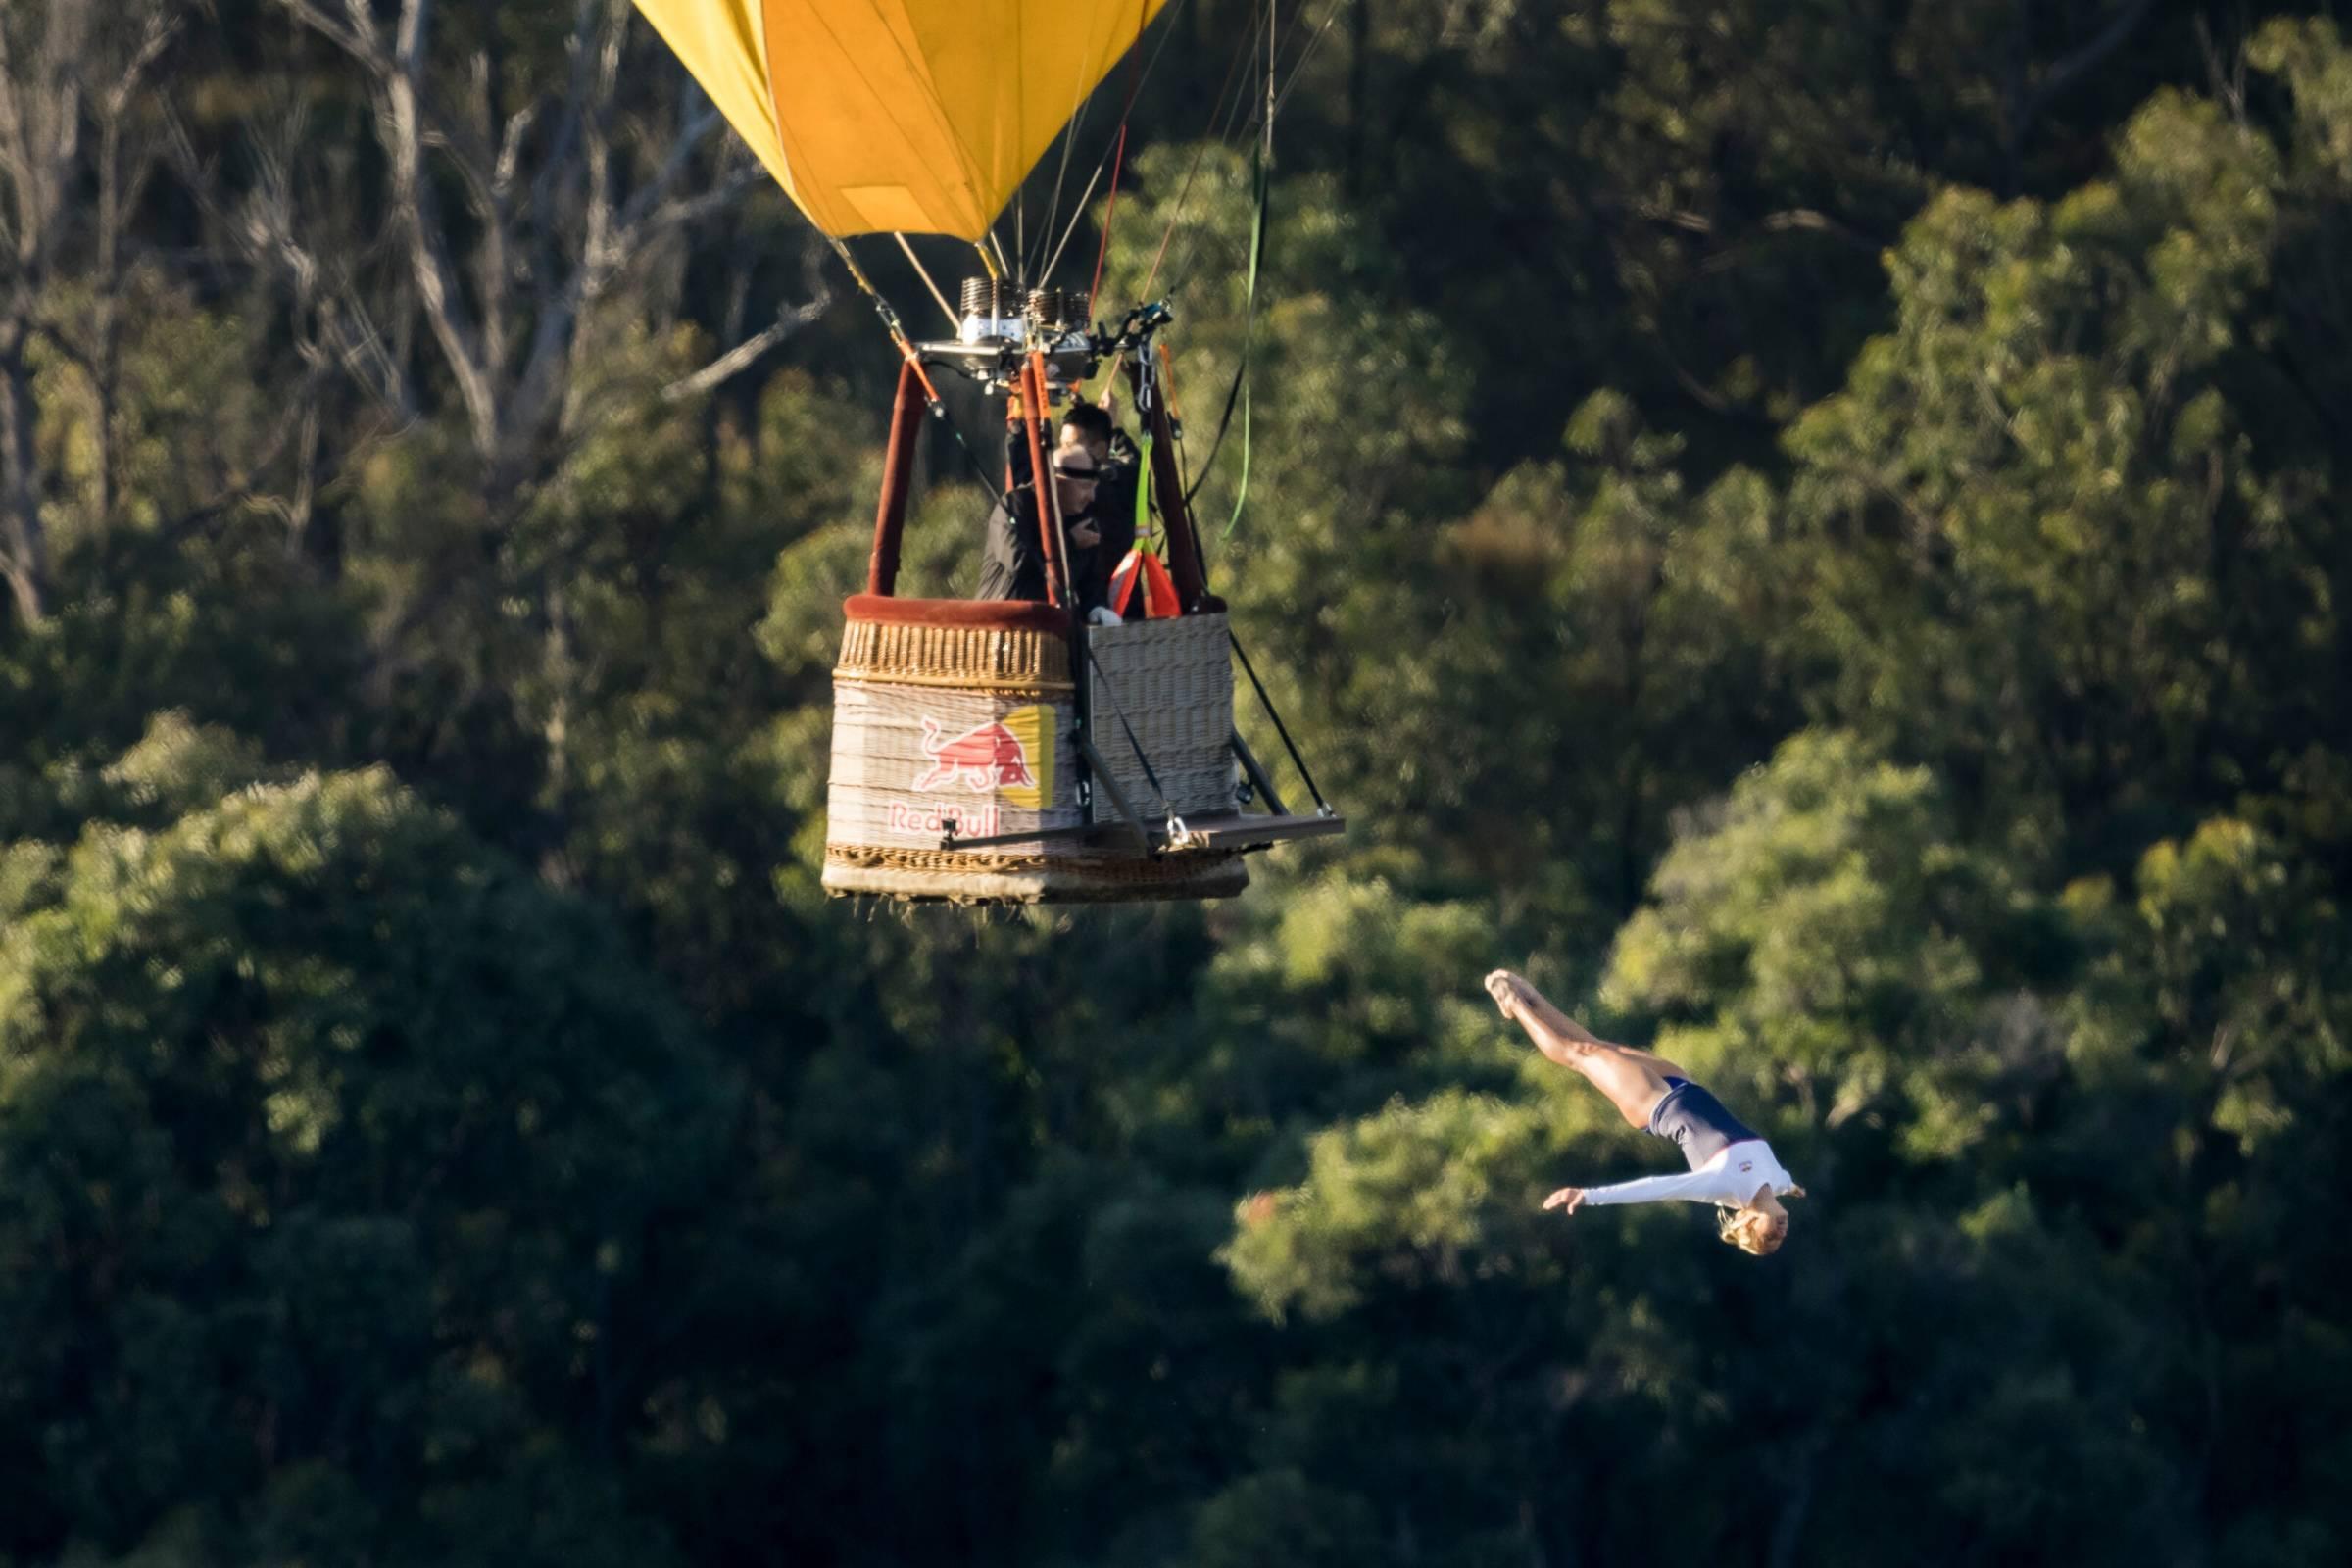 Cliff diver Rhiannan Iffland performs a high dive from a hot air balloon in Australia